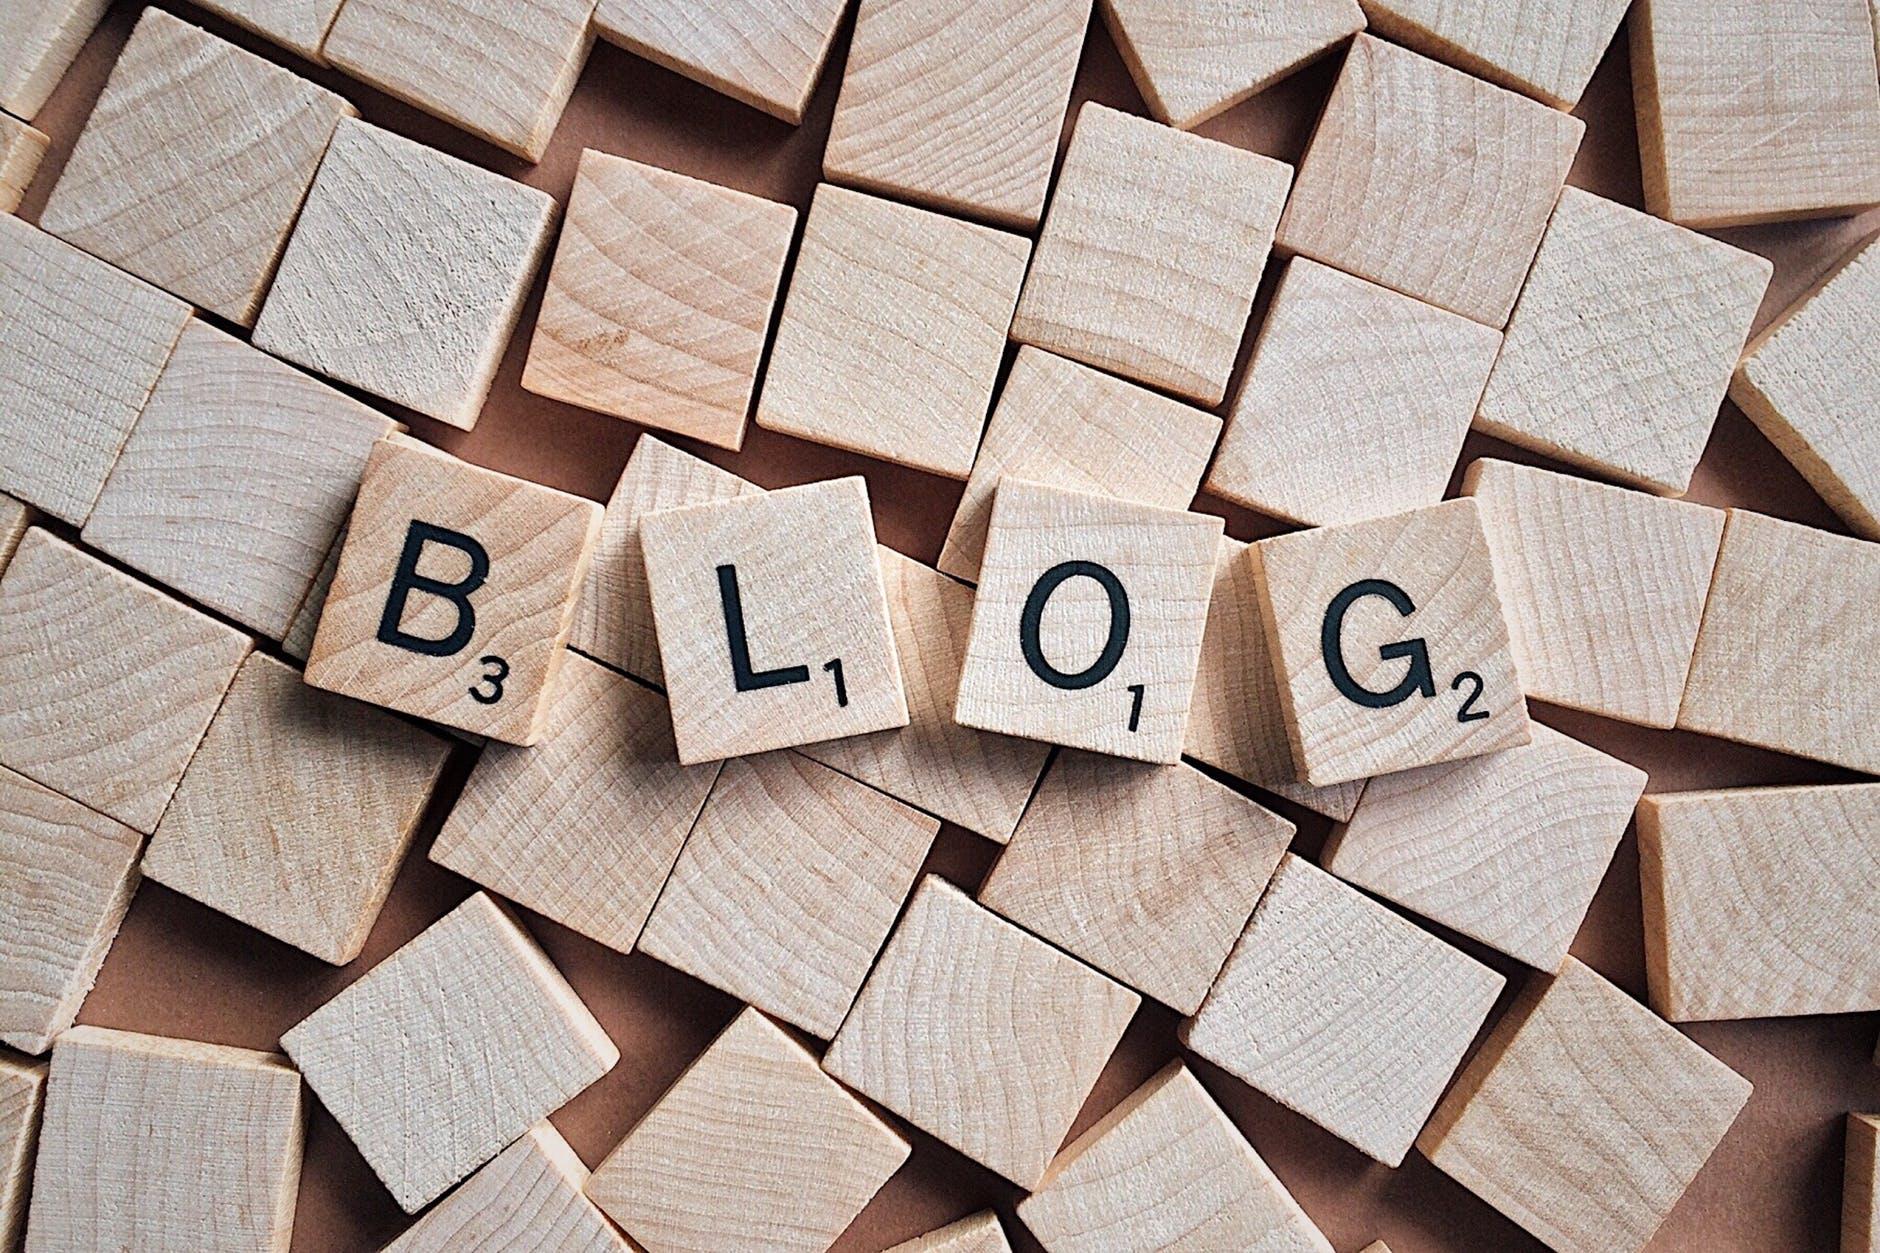 أهمية إنشاء مدونة لأصحاب الأنشطة التجارية (7 مميزات)